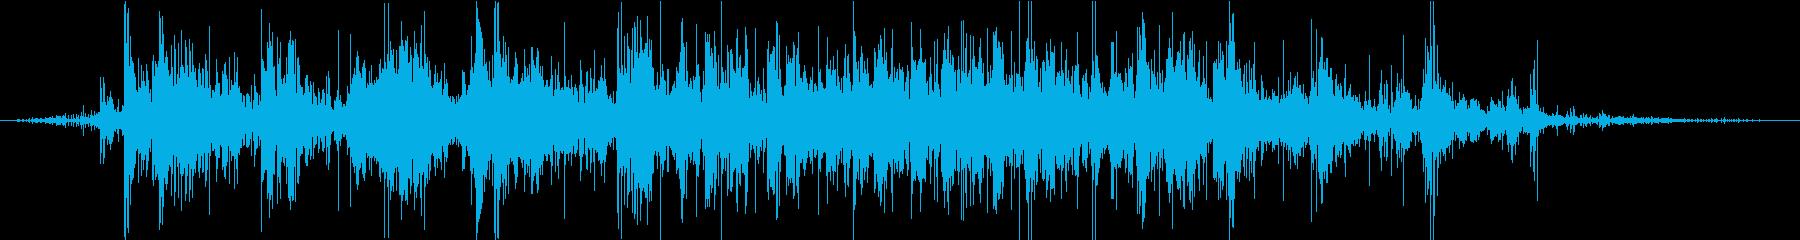 アイスゴーレム 中圧02の再生済みの波形